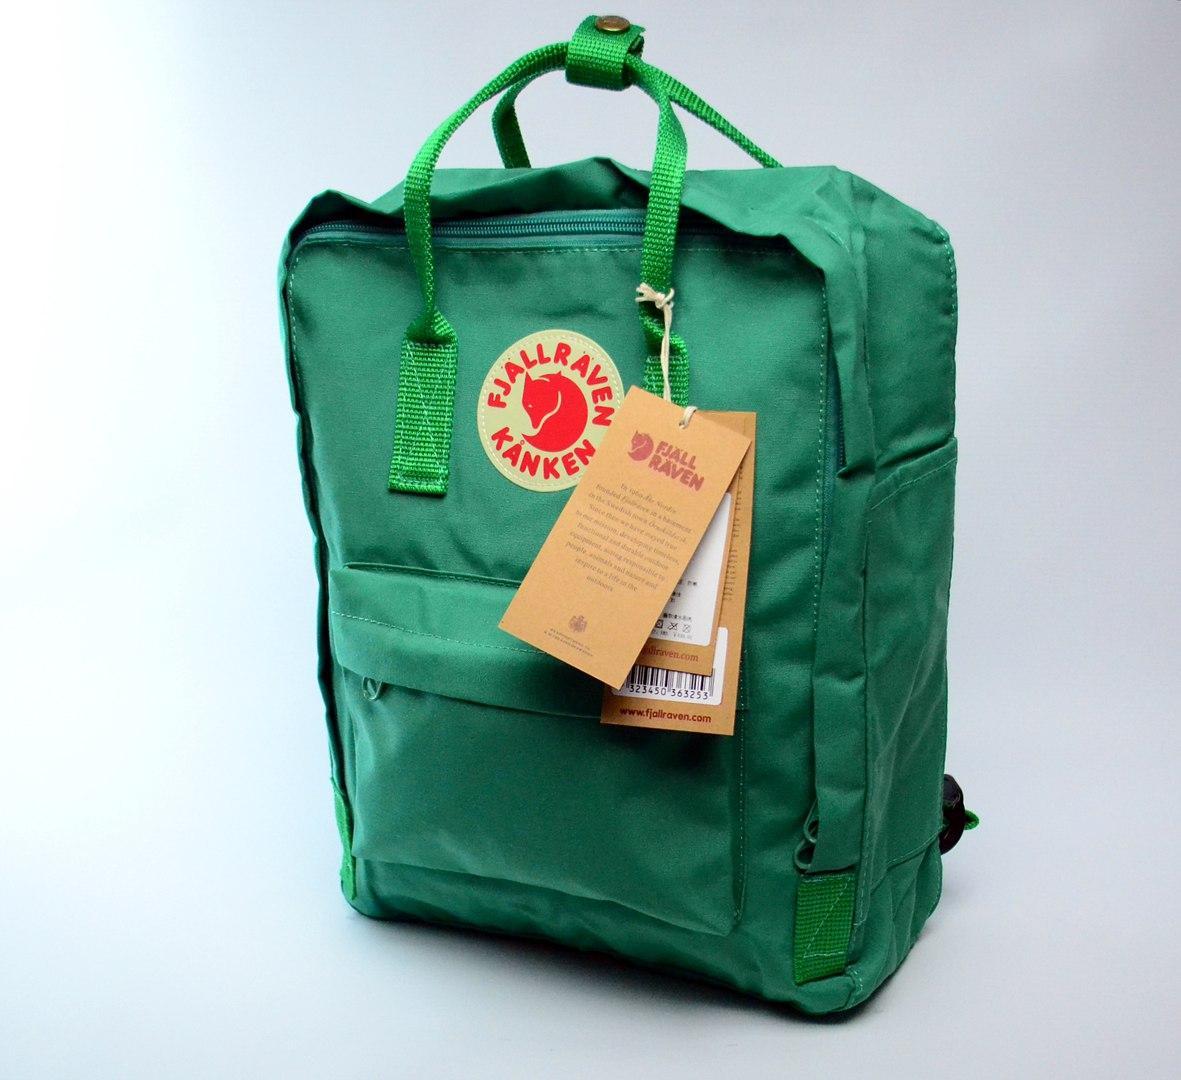 Рюкзак Fjarvallen Kanken Classiс Green (реплика)